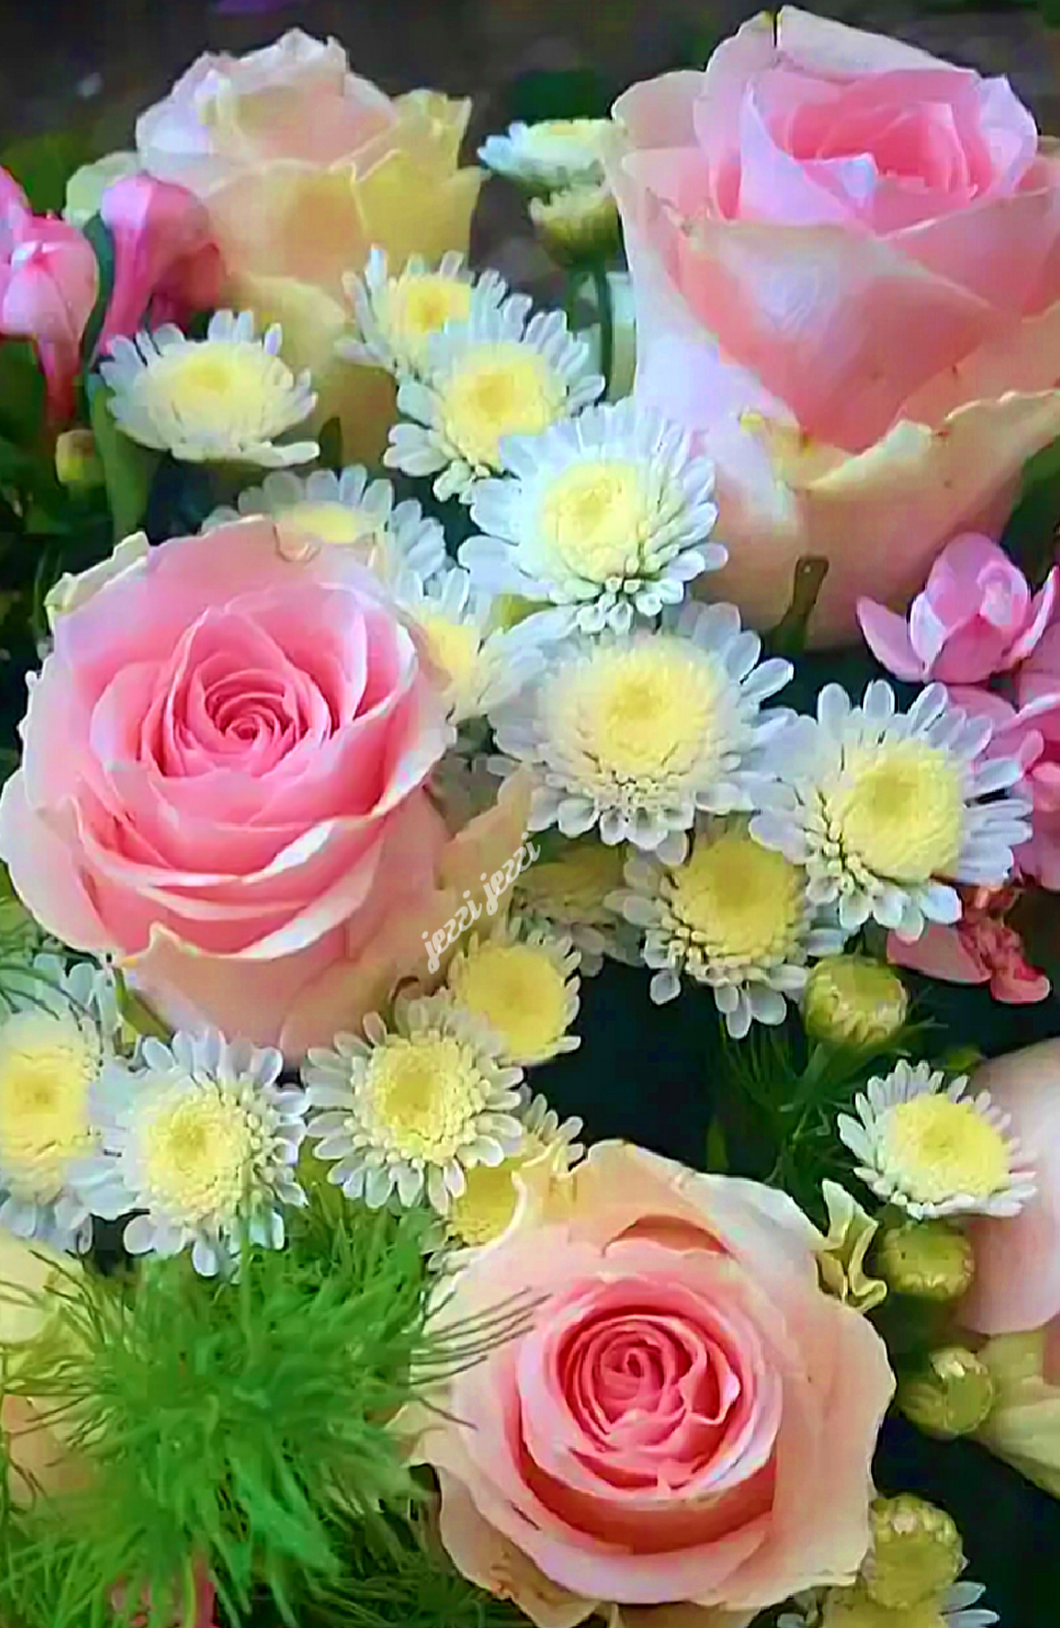 О самых красивых цветах: семена и черенки красивоцветущих многолетников